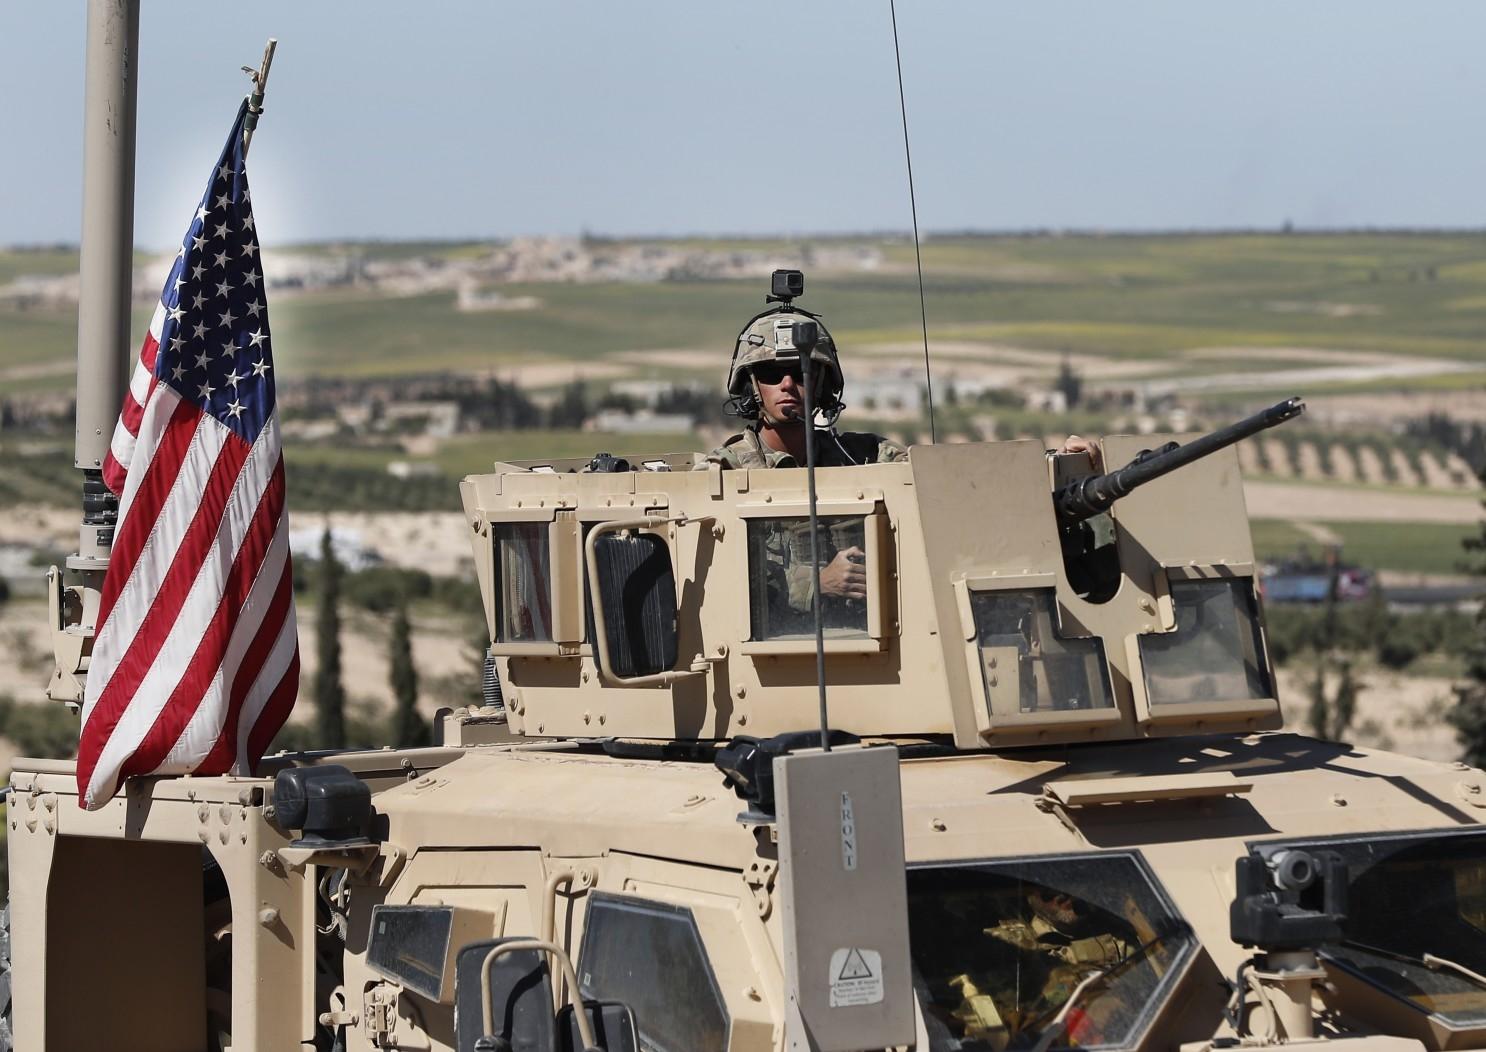 EEUU abandona Iraq y Afganistán, pero no Siria